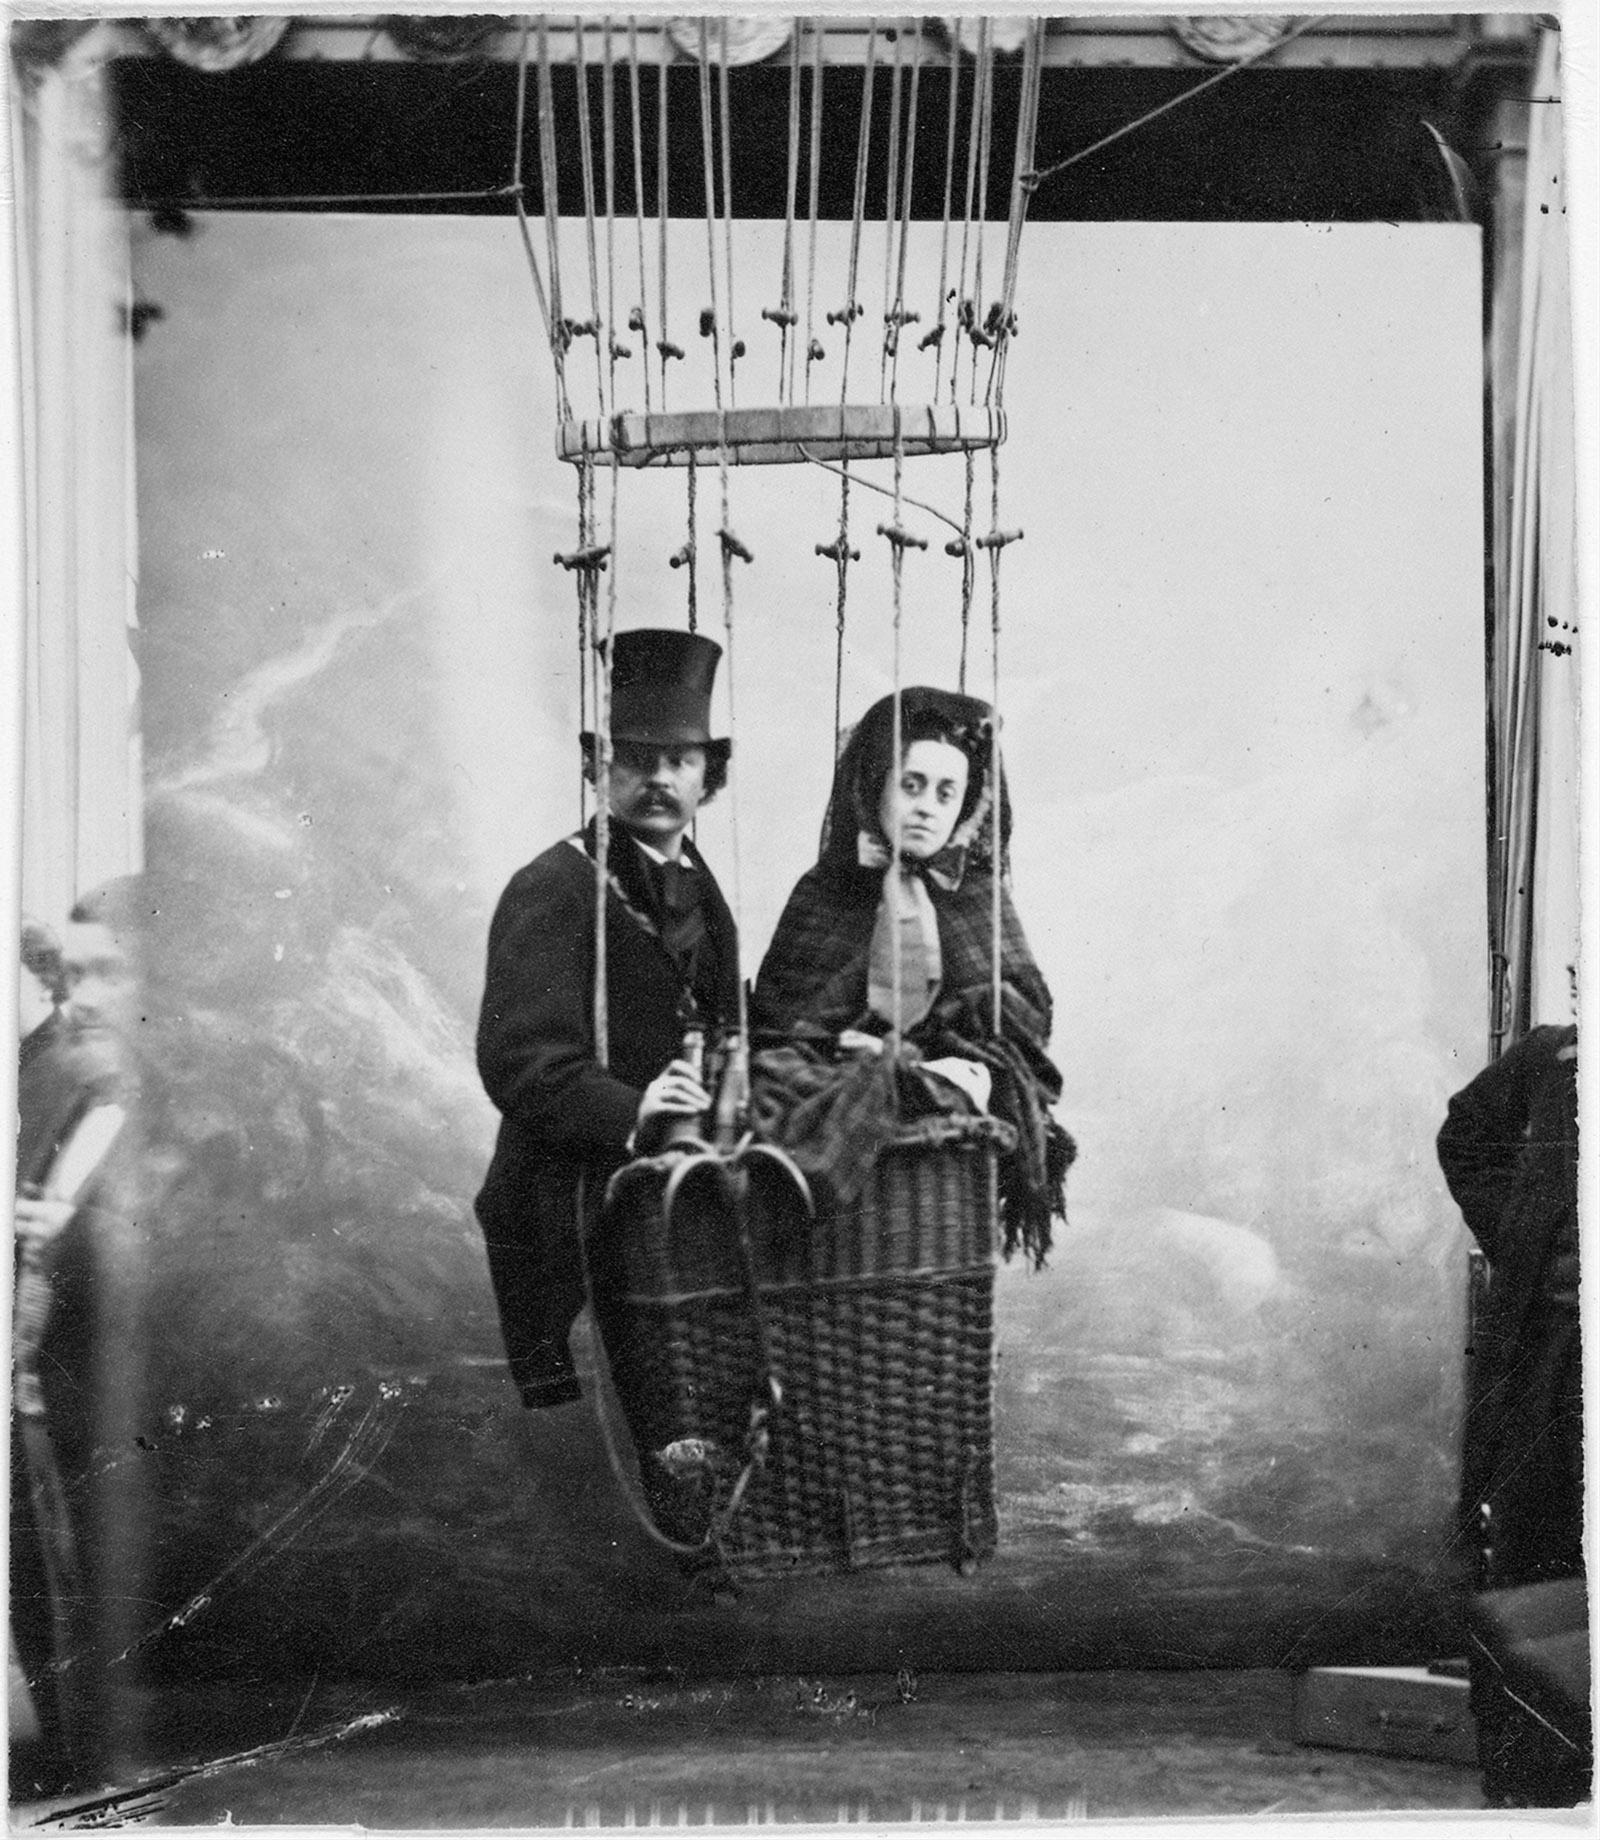 Félix Nadar with his wife, Ernestine, in a balloon, circa 1865